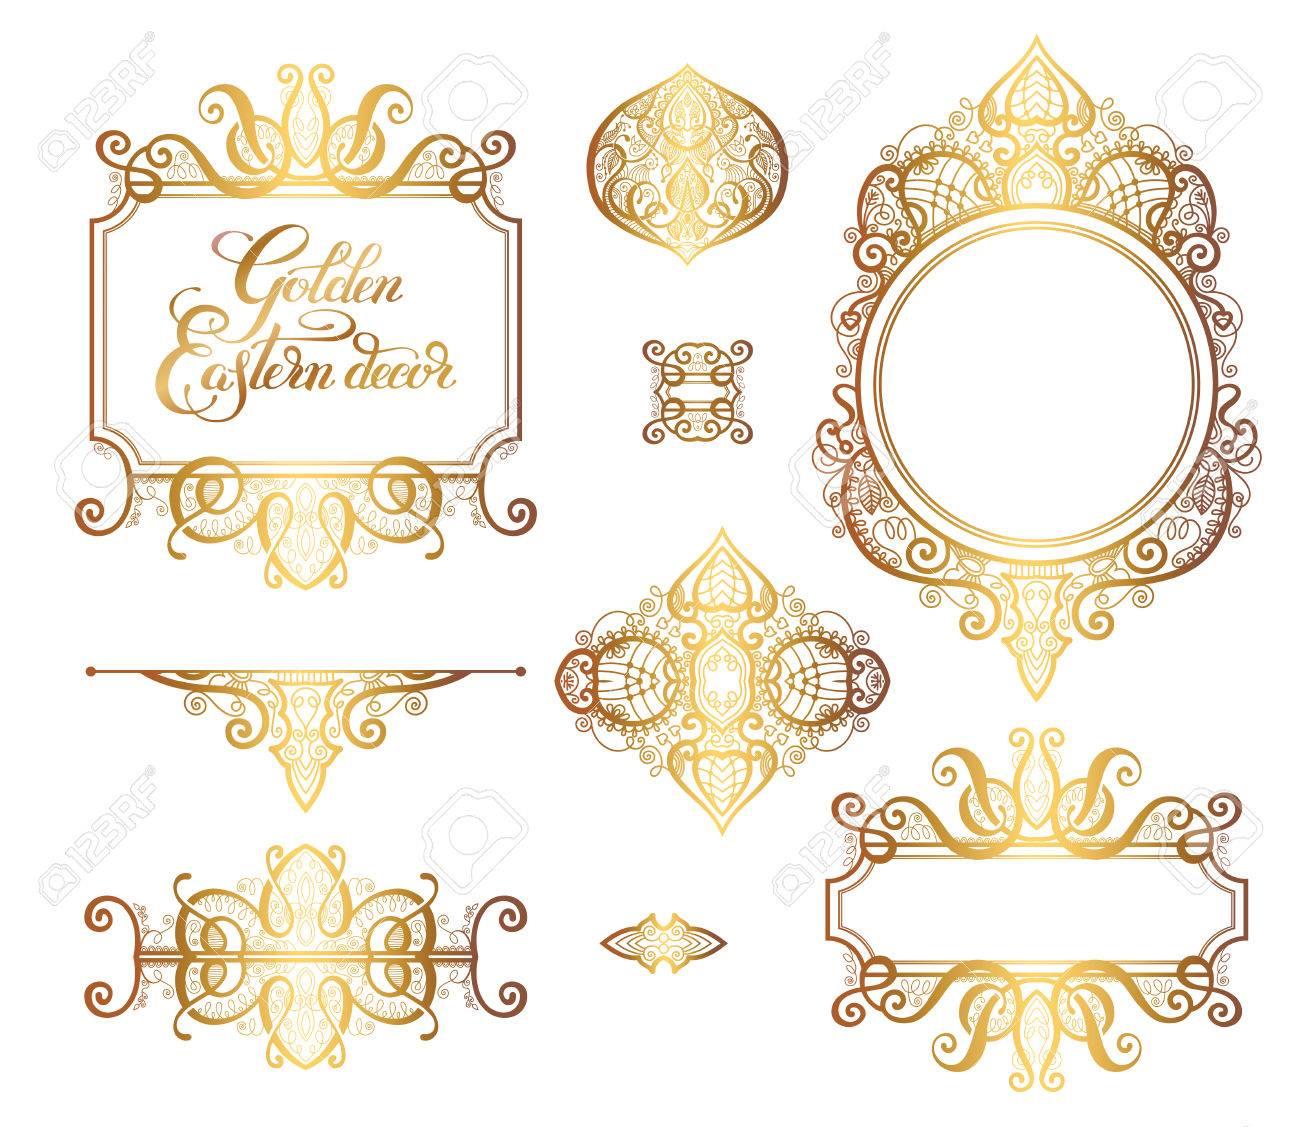 Floralen Goldenen östlichen Dekor Rahmen Elemente, Paisley Muster Für Hochzeit  Einladung, Geburtstag Grußkarte